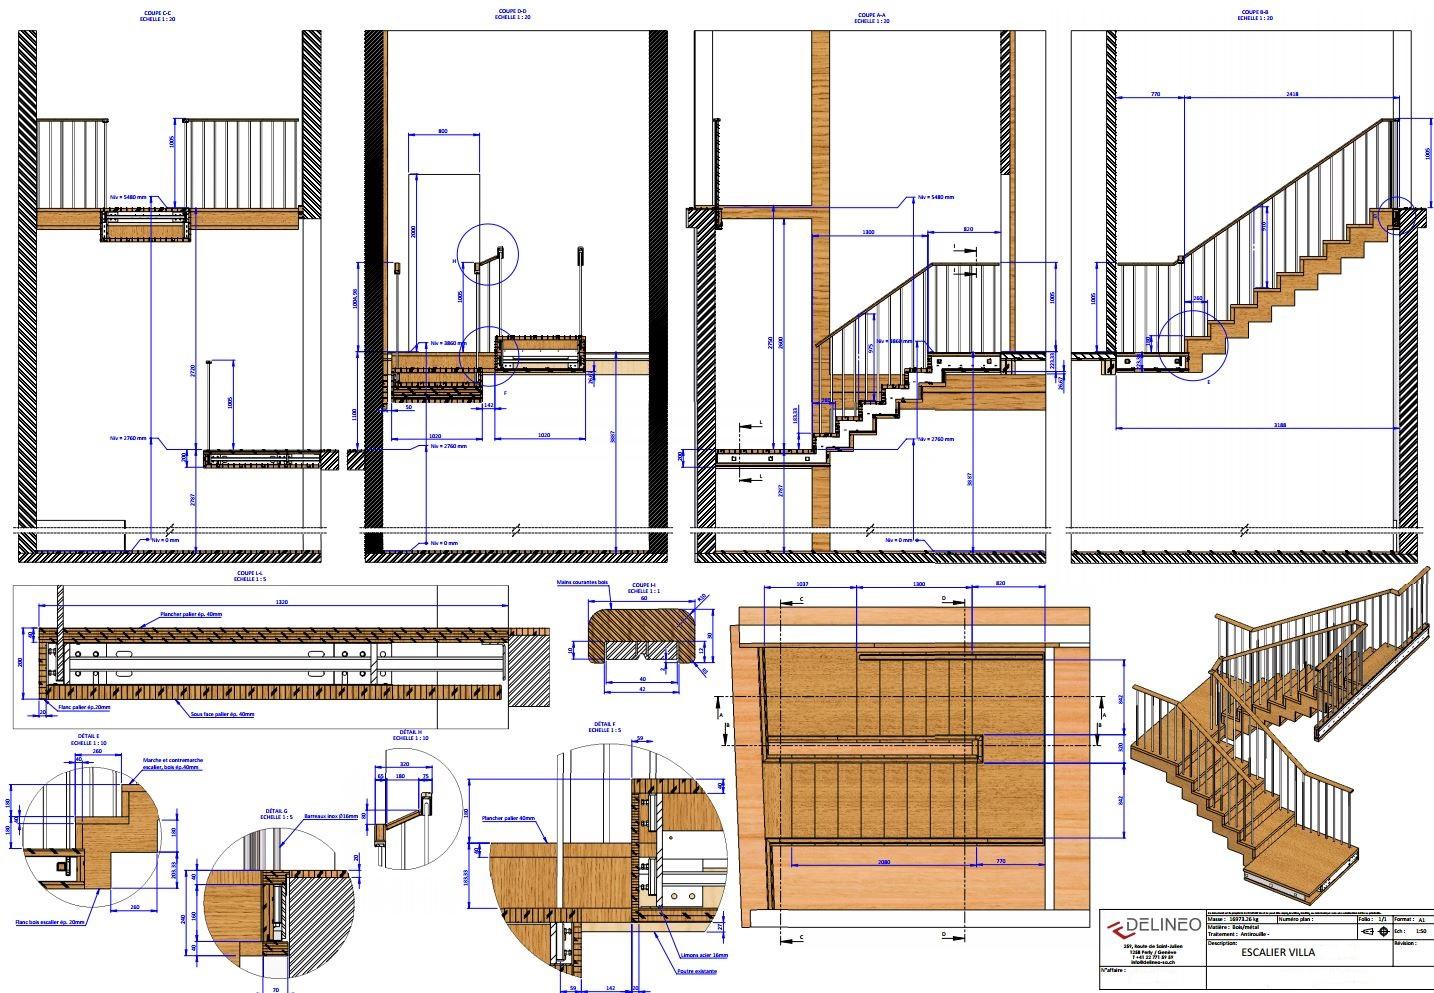 Escalier bois m tal delineo sa for Plan petit escalier en bois